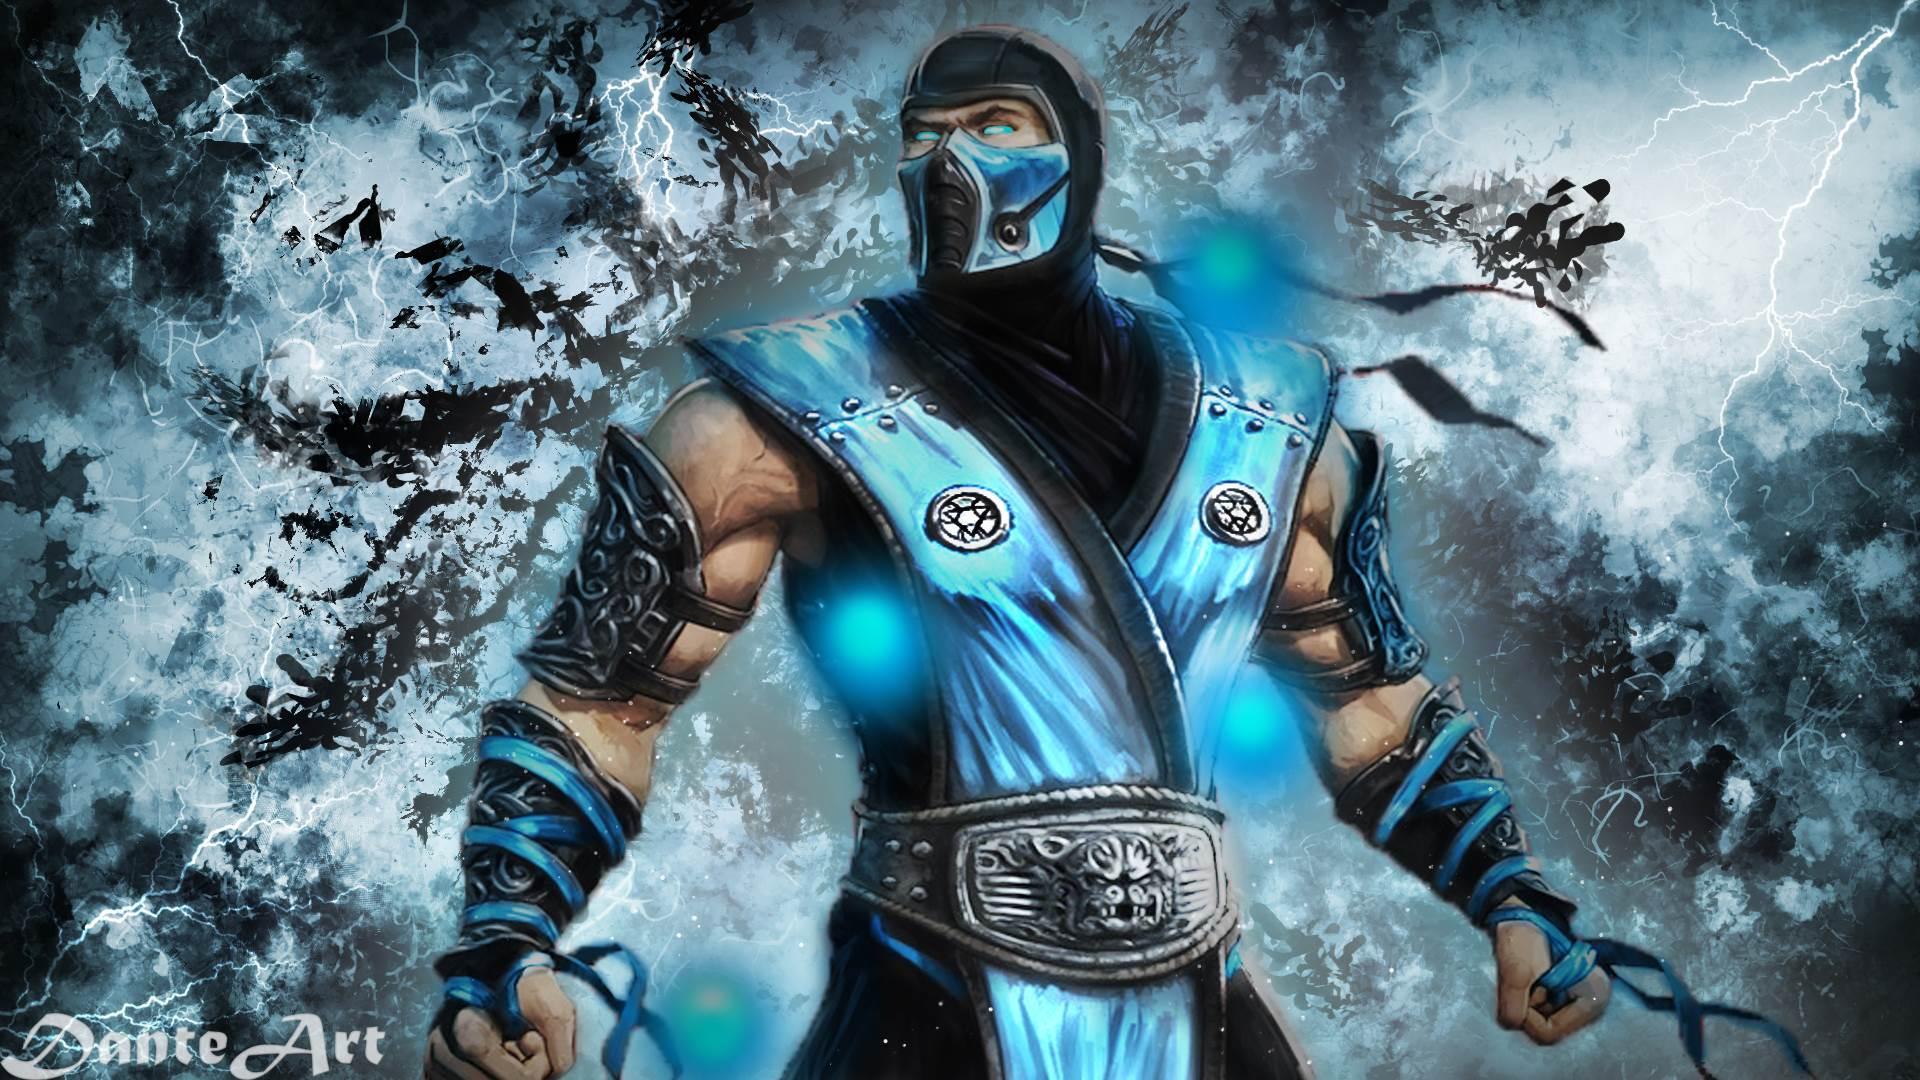 Mind Blowing Mortal Kombat Ermac Wallpaper Hd Teorg 1920x1080